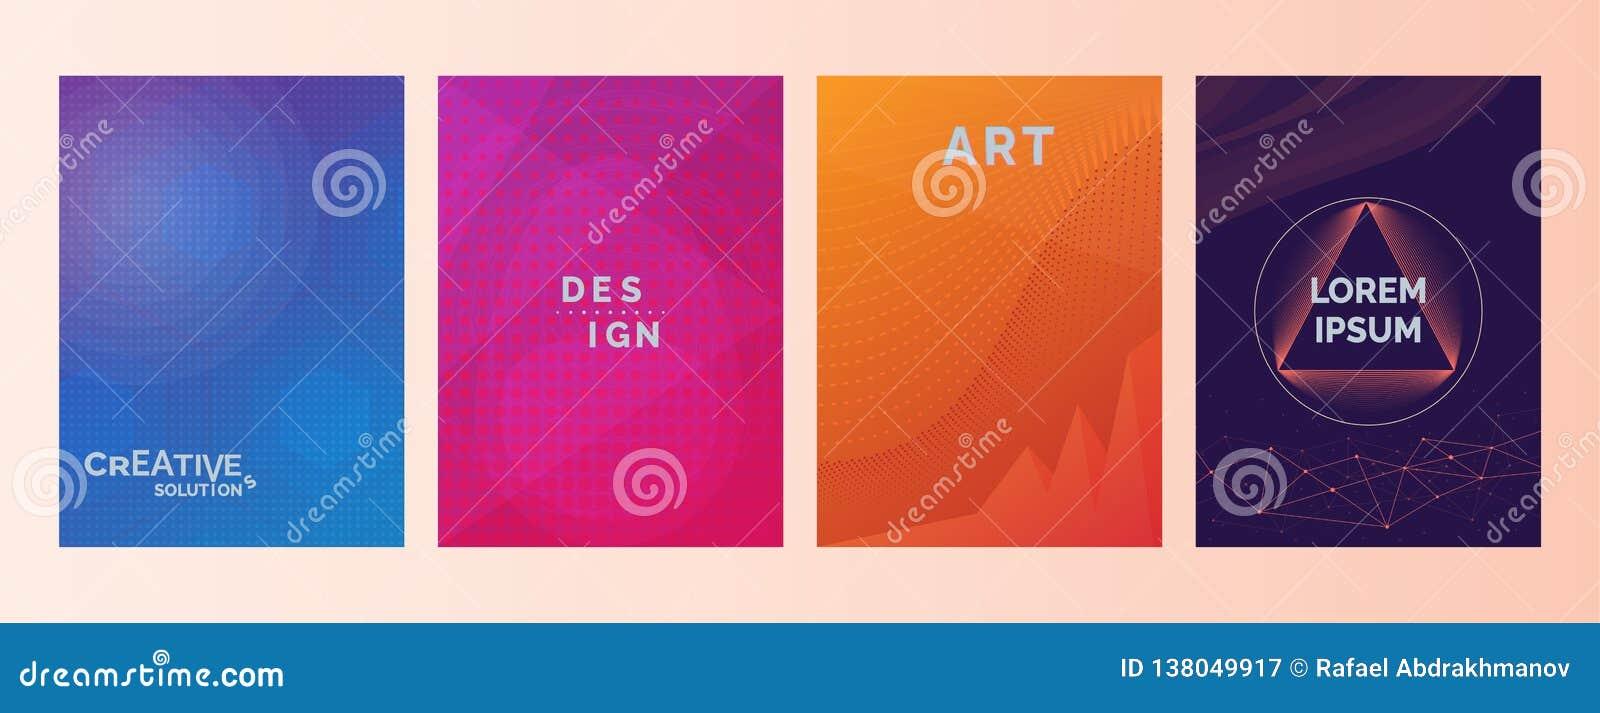 创造性的解答设计艺术在抽象颜色梯度的Lorem Ipsum文本塑造背景 设置盖子,小册子,飞行物 冷静